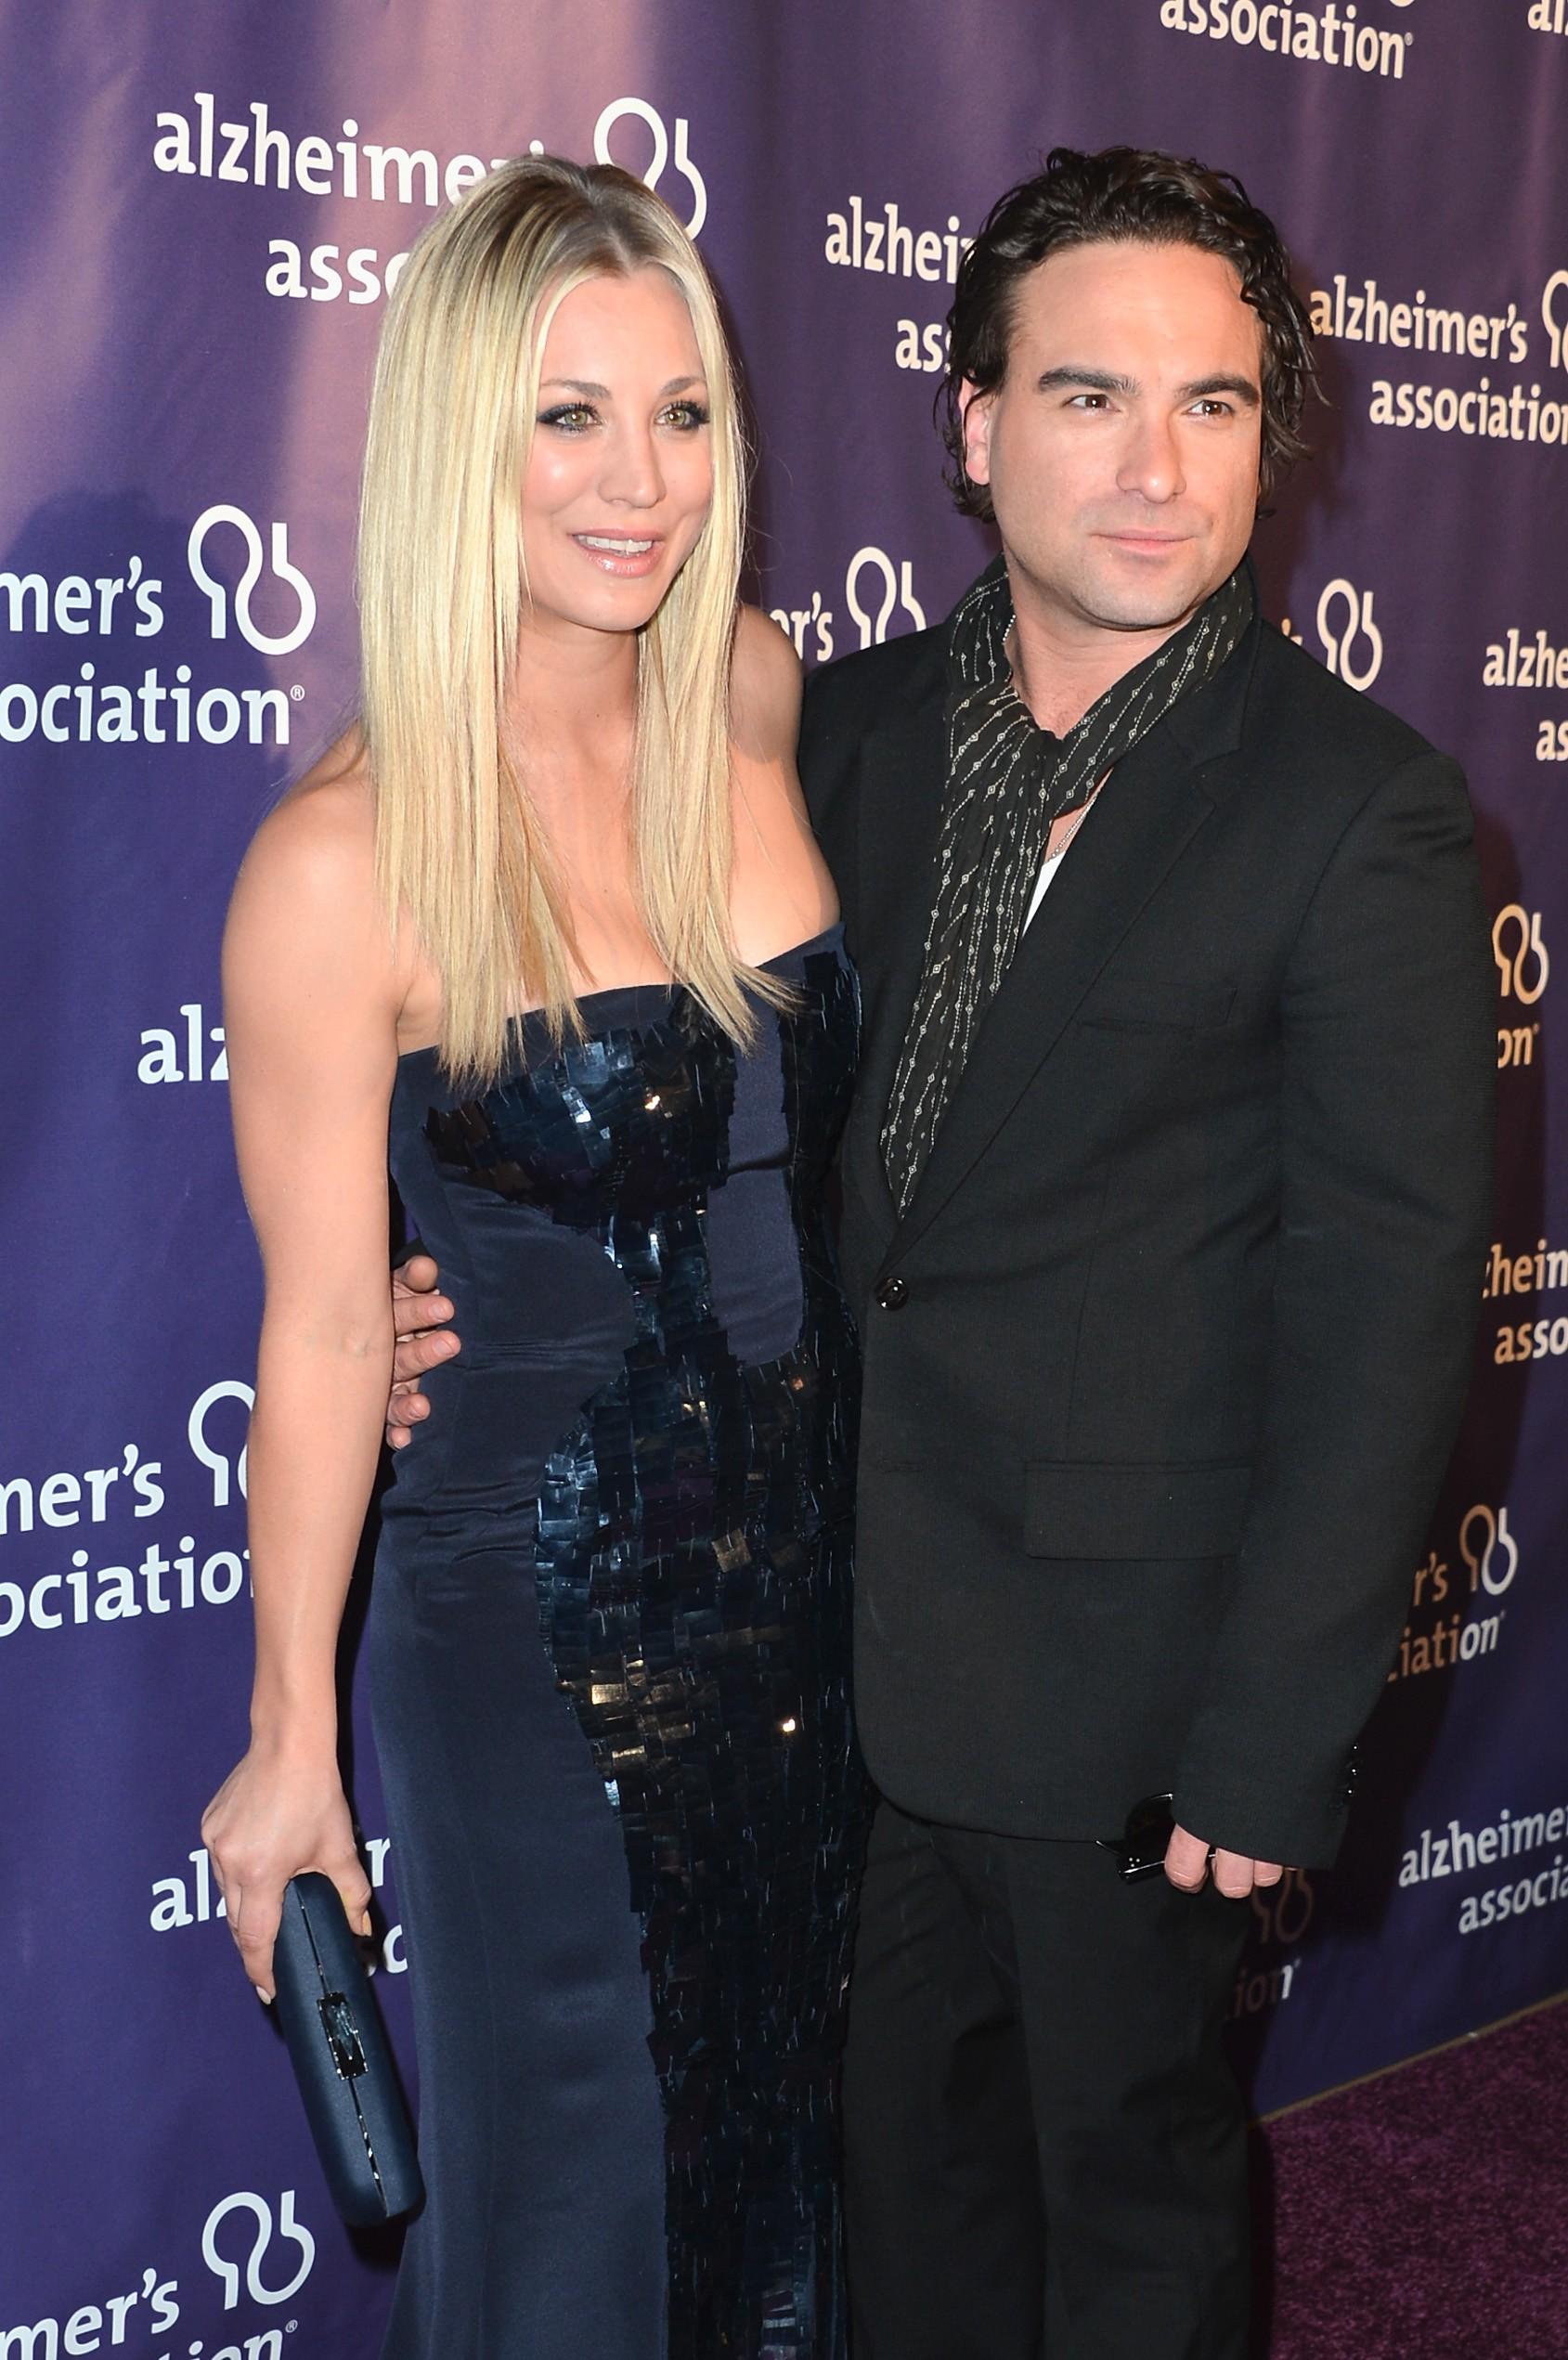 As estrelas de 'The Big Bang Theory' só contaram do relacionamento secreto em 2010. Eles mantiveram uma relação por quase dois anos enquanto filmavam a série e hoje afirmam serem amigos. Ambos não comentam sobre seu passado. (Foto: Getty Images)